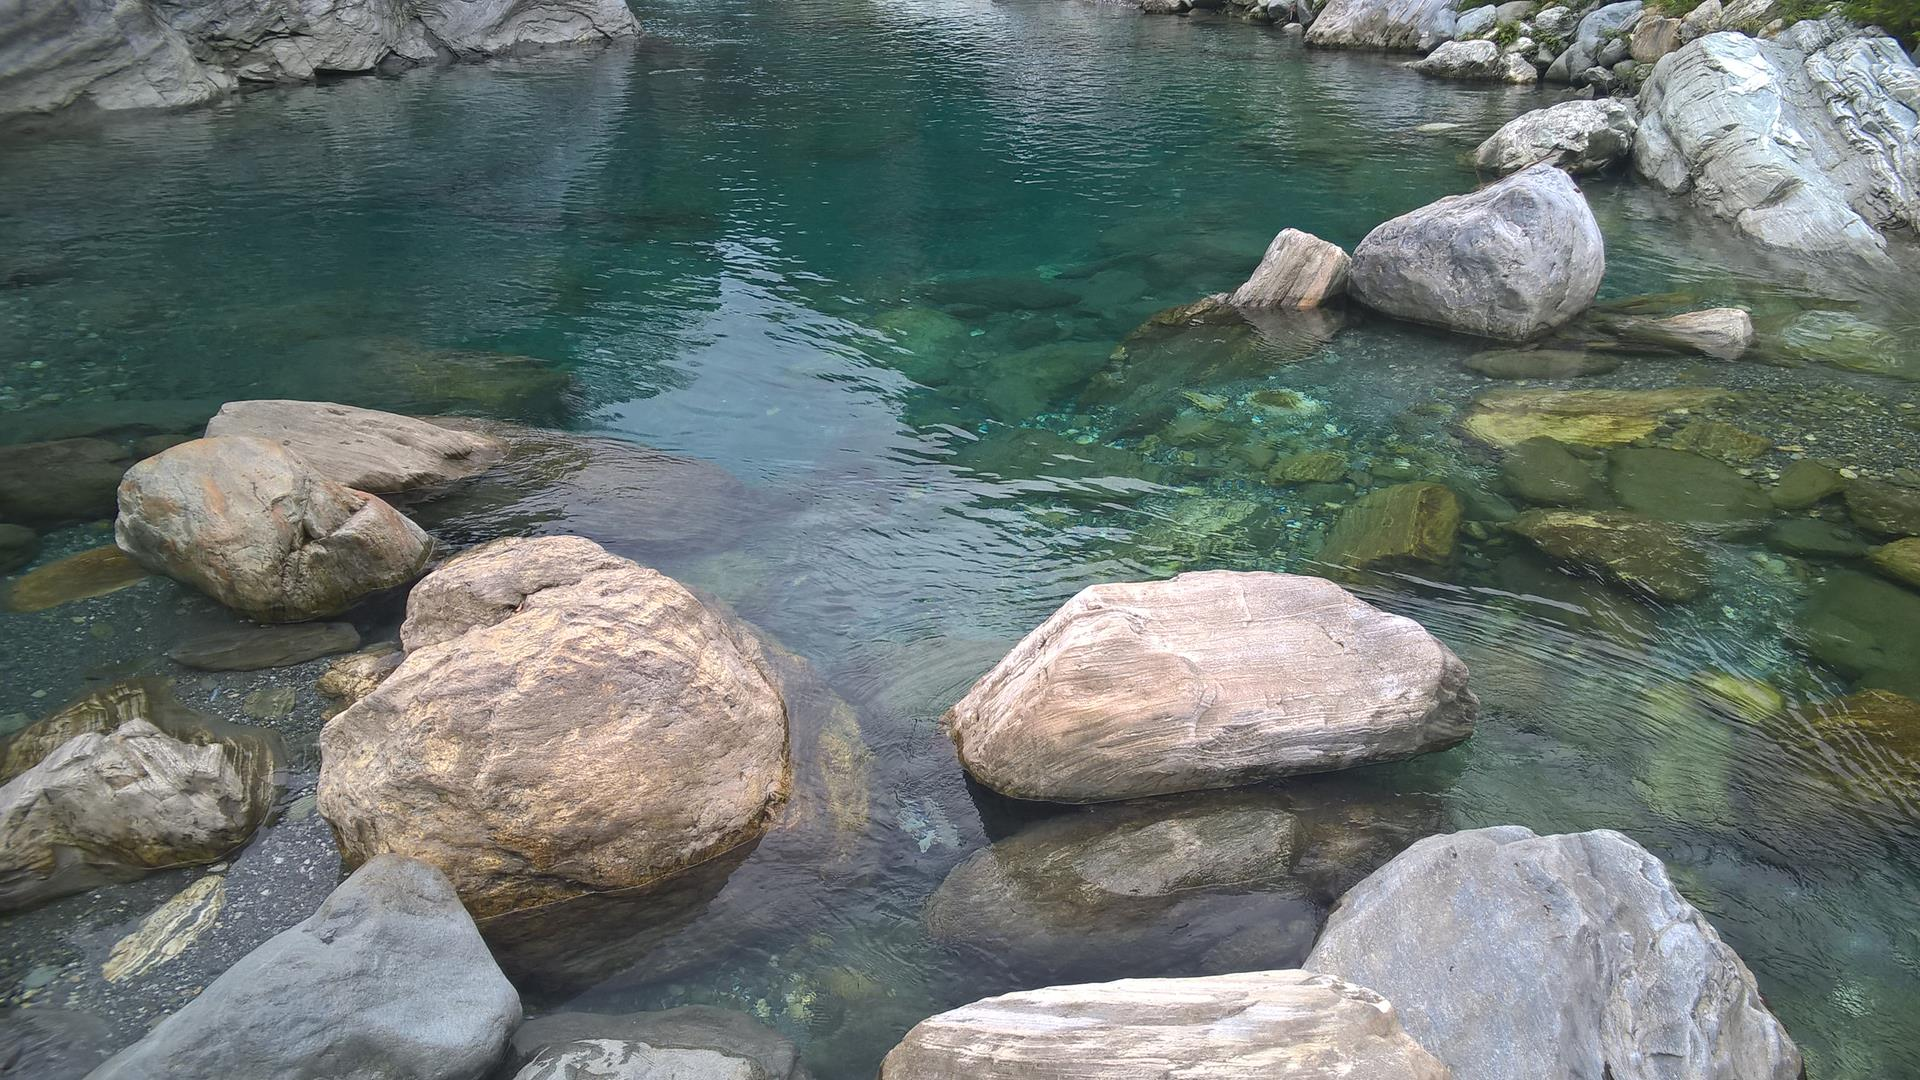 ... war das Wasser unglaublich klar